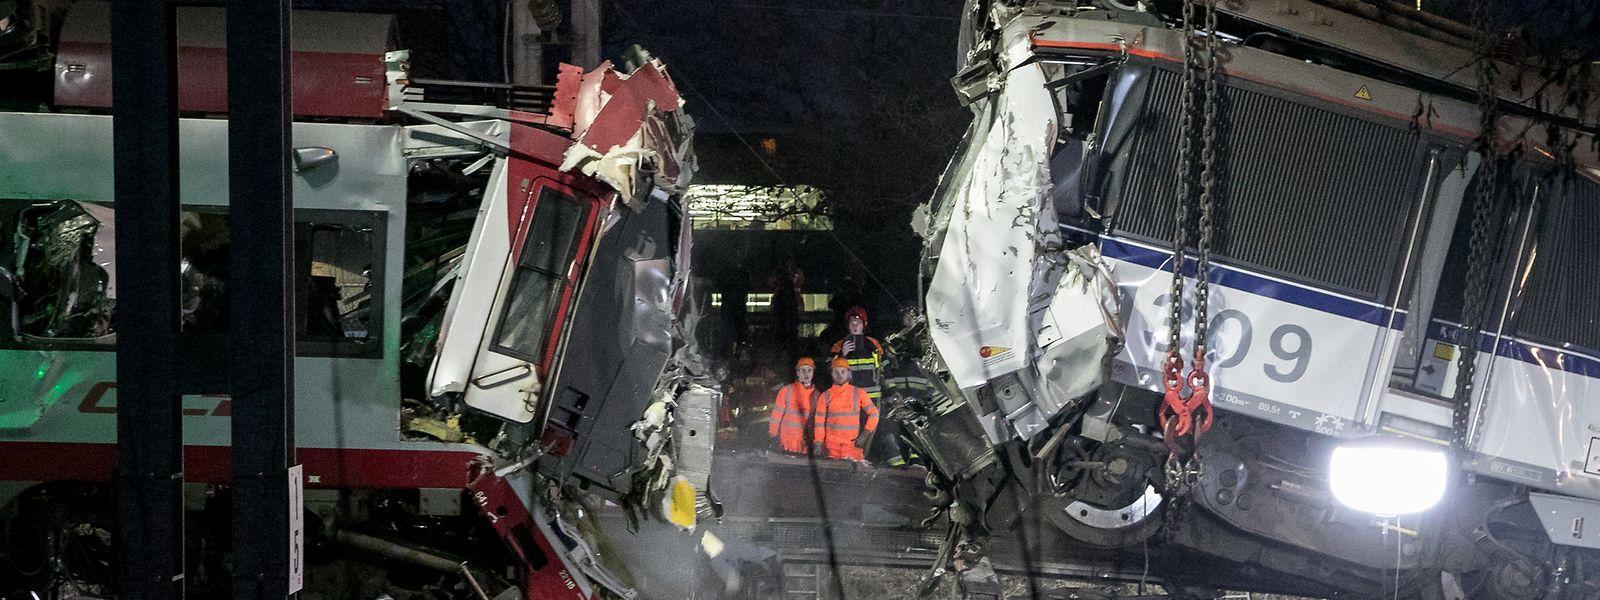 Am 14. Dezember 2017 kollidierten ein Güter- und ein Personenzug zwischen Bettemburg und Zoufftgen. Eine Person kam bei dem Unglück ums Leben. Das Bild zeigt die Aufräumarbeiten am Tag danach.